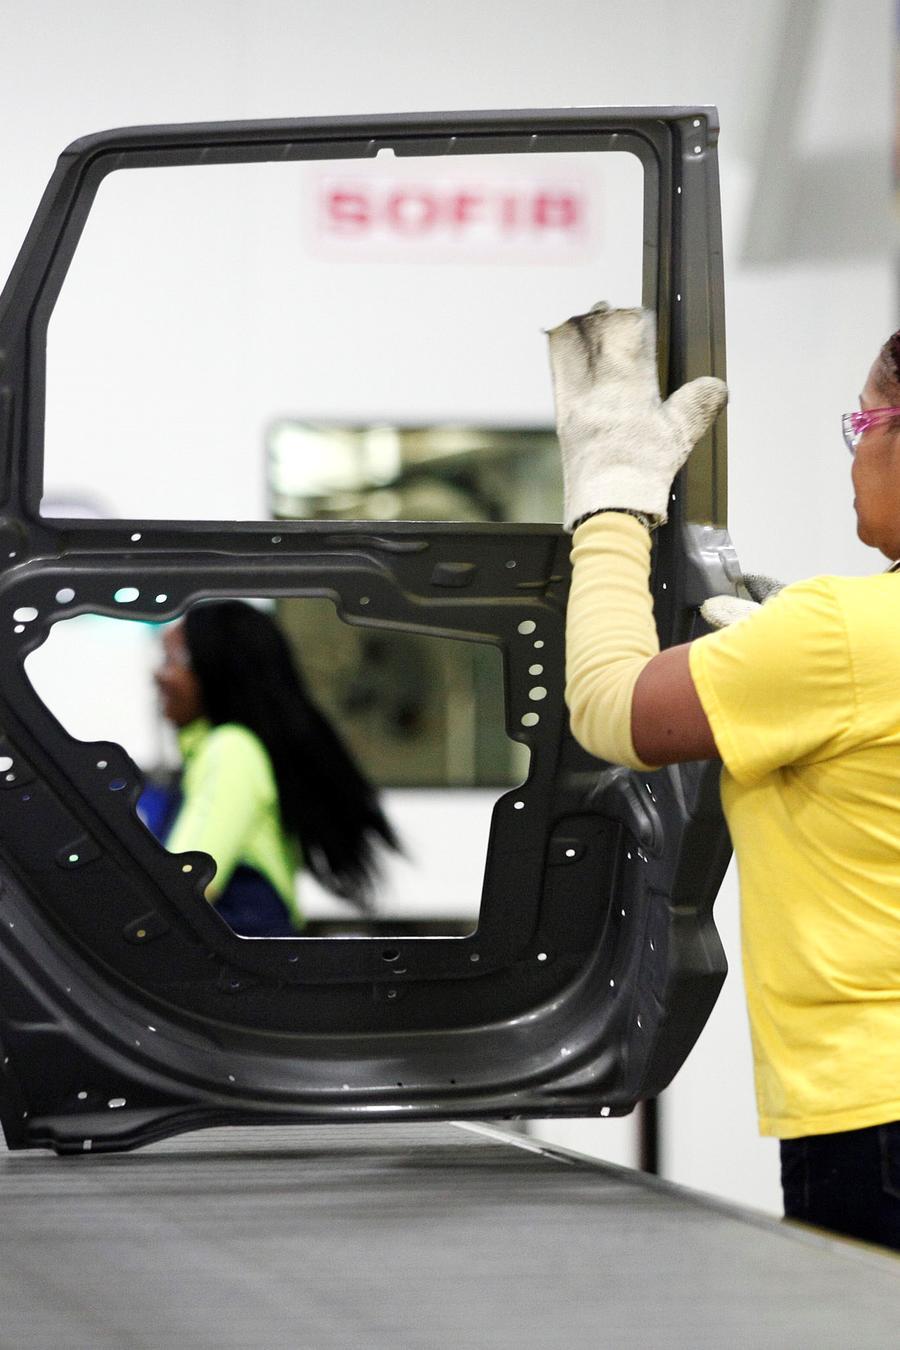 Un trabajador maneja una puerta que salió de la nueva prensa de $ 63 millones en la planta de estampado de automóviles Warren de Fiat Chrysler, Estados Unidos, Warren, Michigan